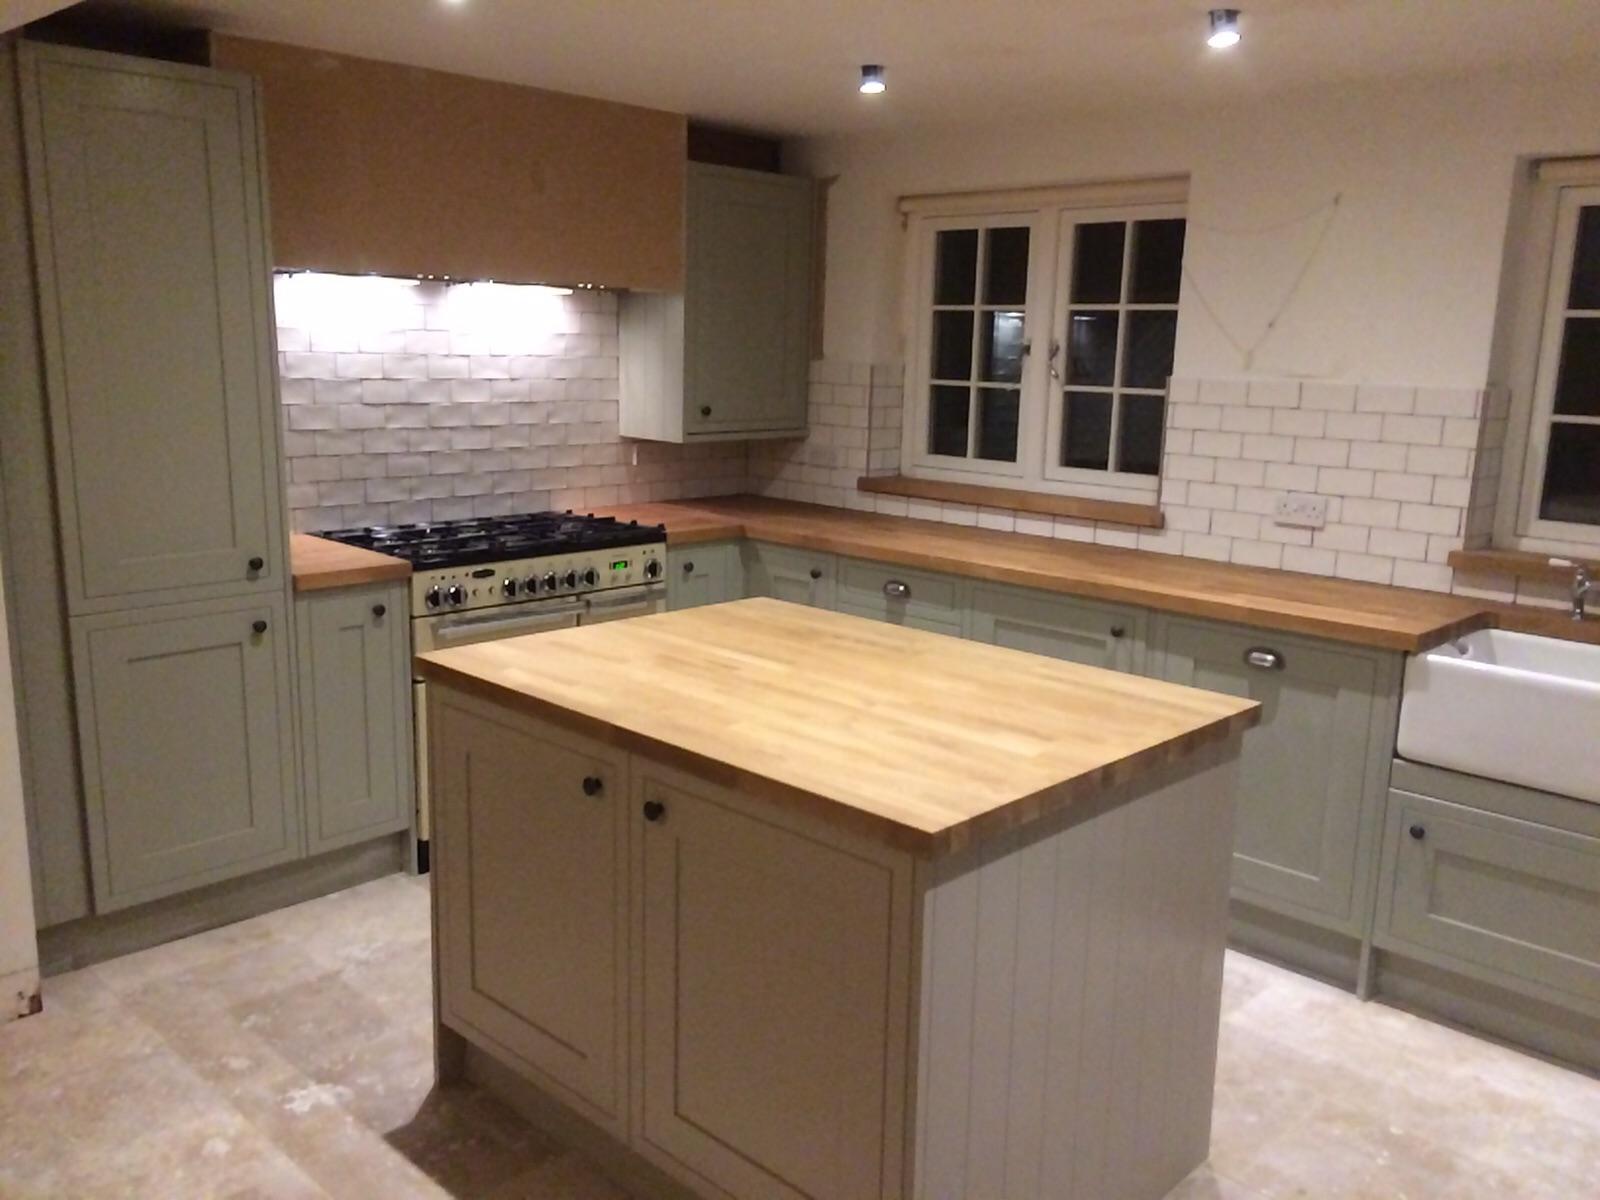 Installing kitchen island on tile floor